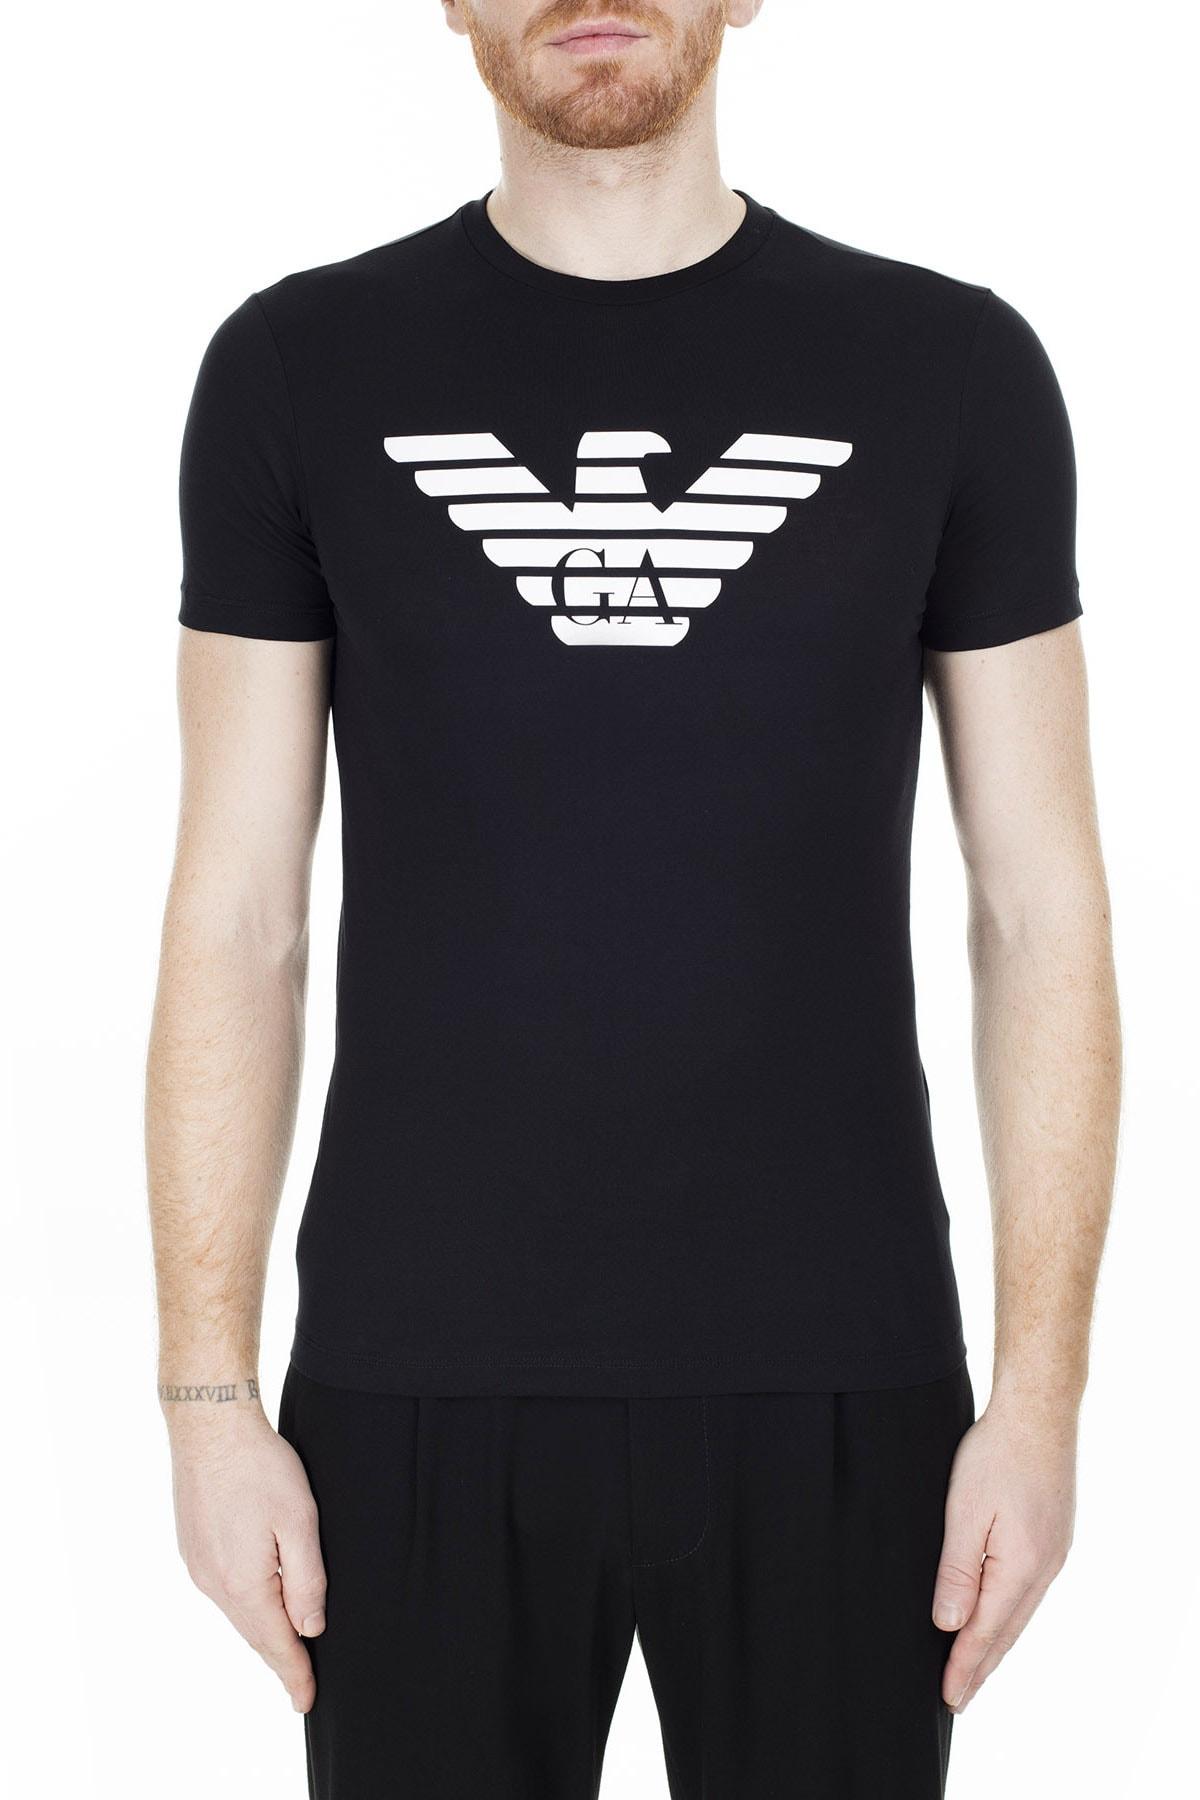 Emporio Armani Siyah Erkek T-Shirt 8N1T99 1JNQZ 0999